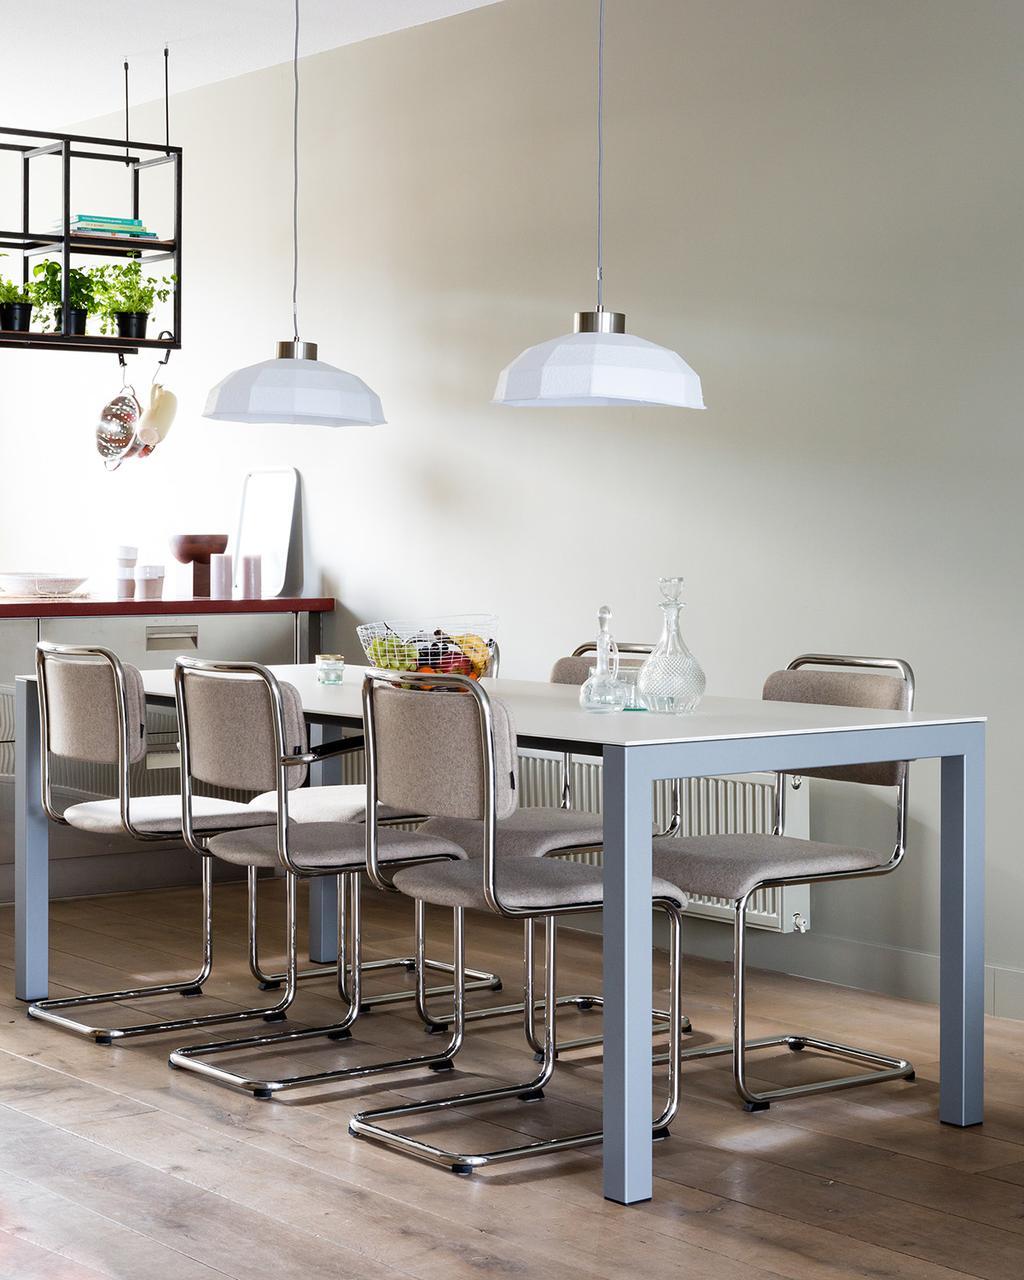 Eetkamer met witte hanglampen en grijze tafel